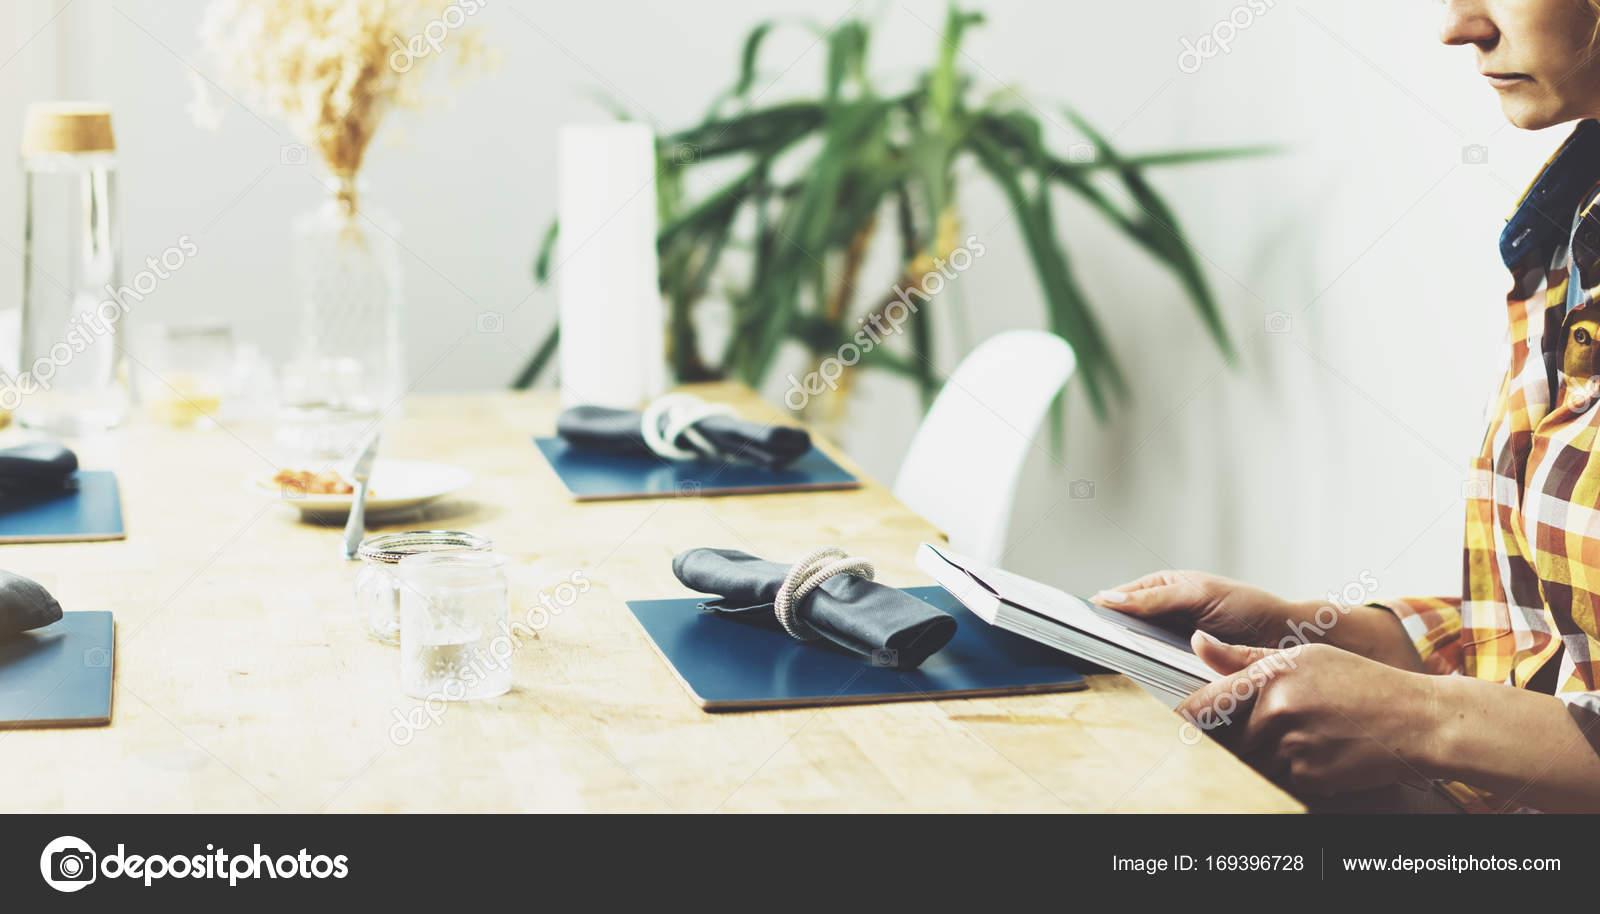 Jong meisje leest boek tijdens ontbijt koffie vrouwelijke handen